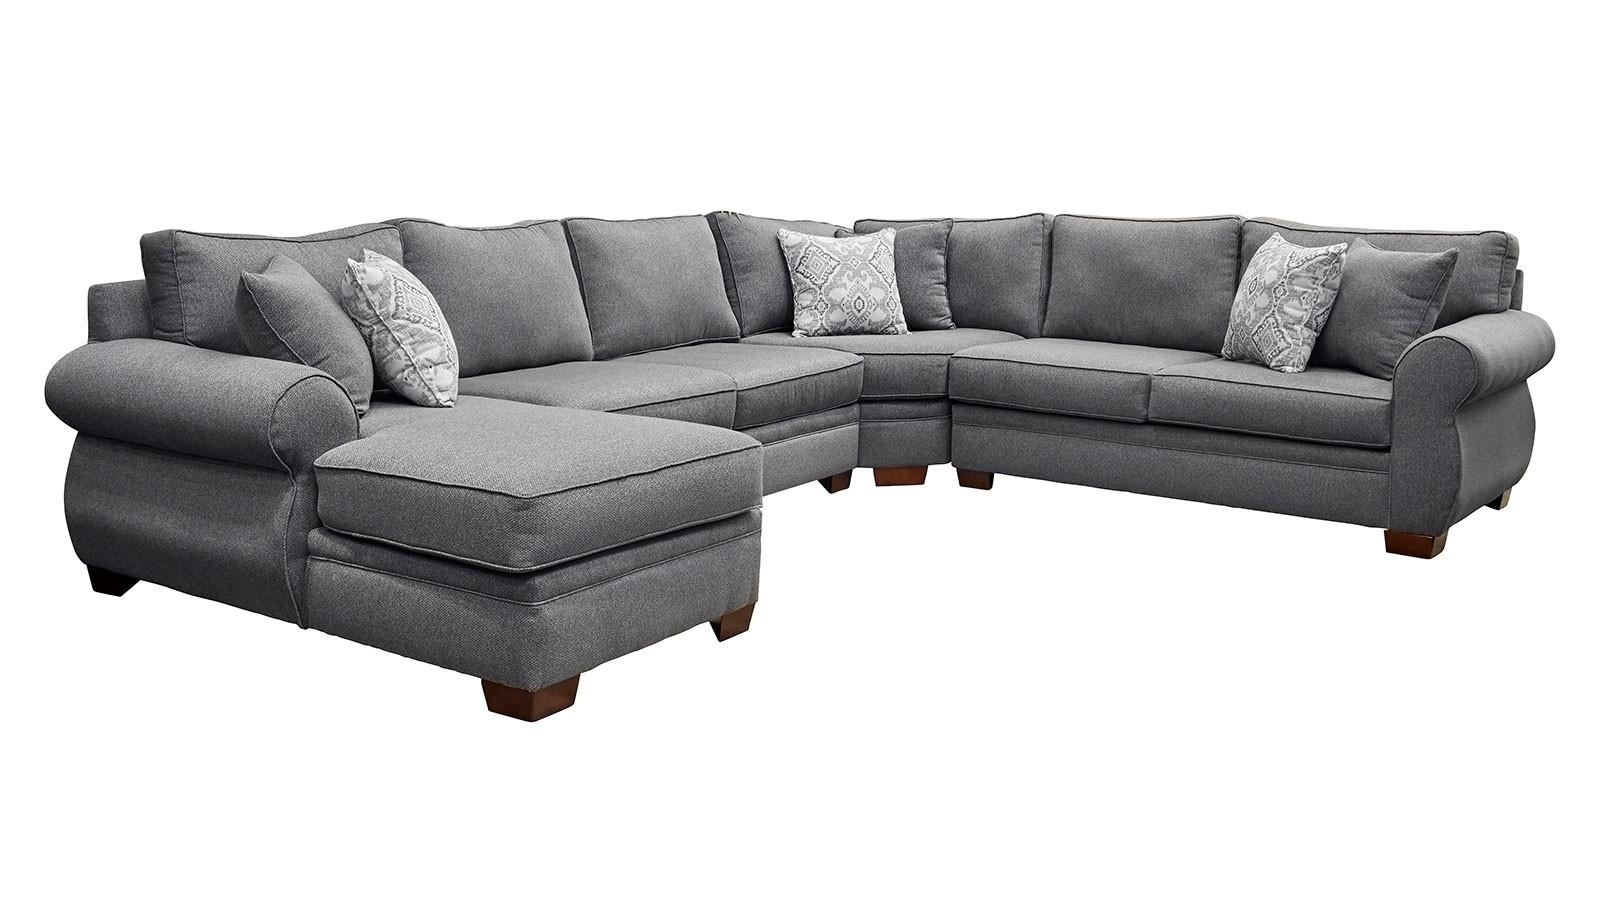 2018 Latest El Paso Texas Sectional Sofas Sofa Ideas